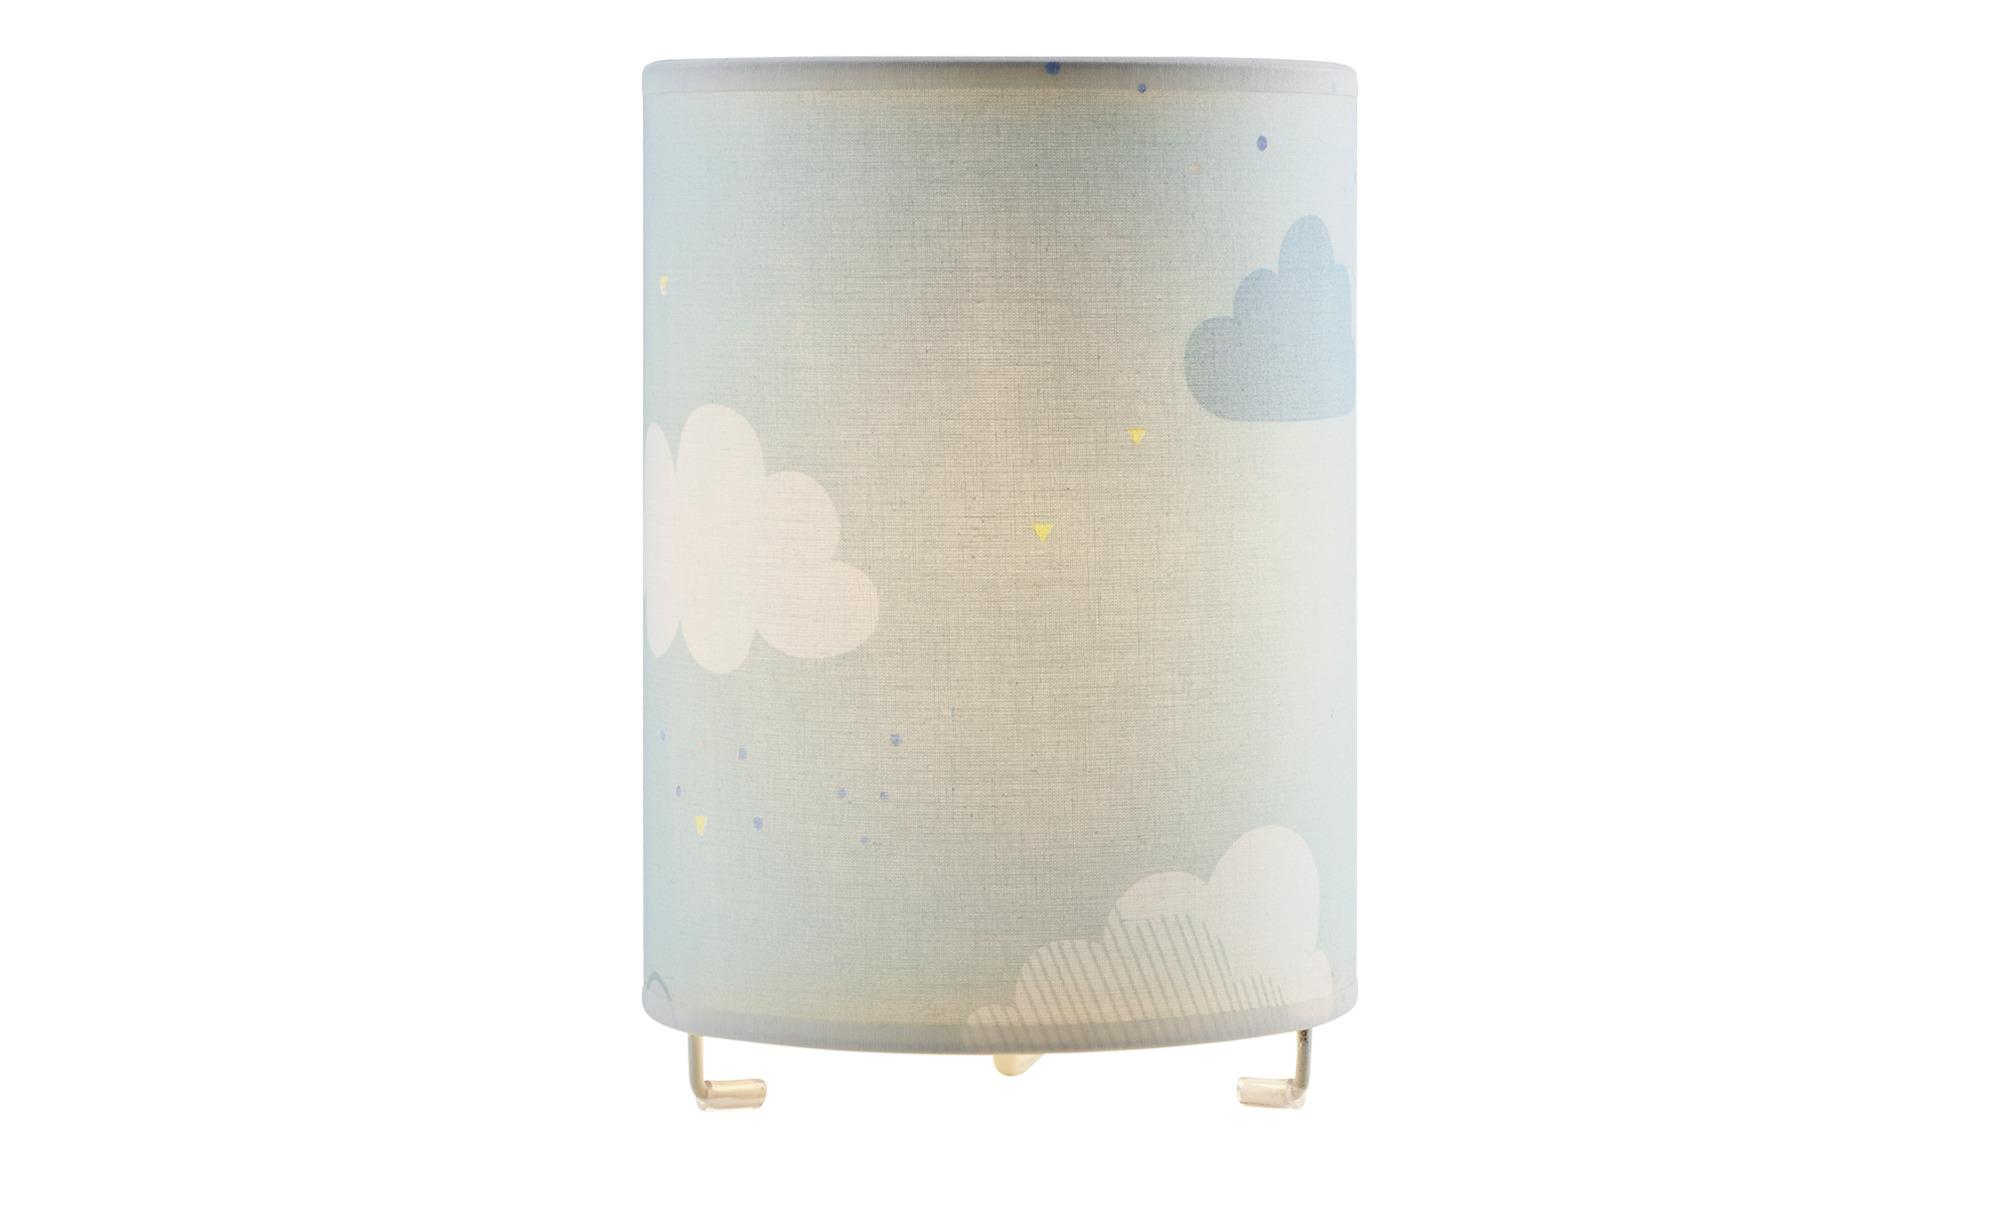 Uups Tischleuchte   süße Wolke - blau - 20 cm - Lampen & Leuchten > Innenleuchten > Kinderlampen - Möbel Kraft | Kinderzimmer > Kindertische | Uups